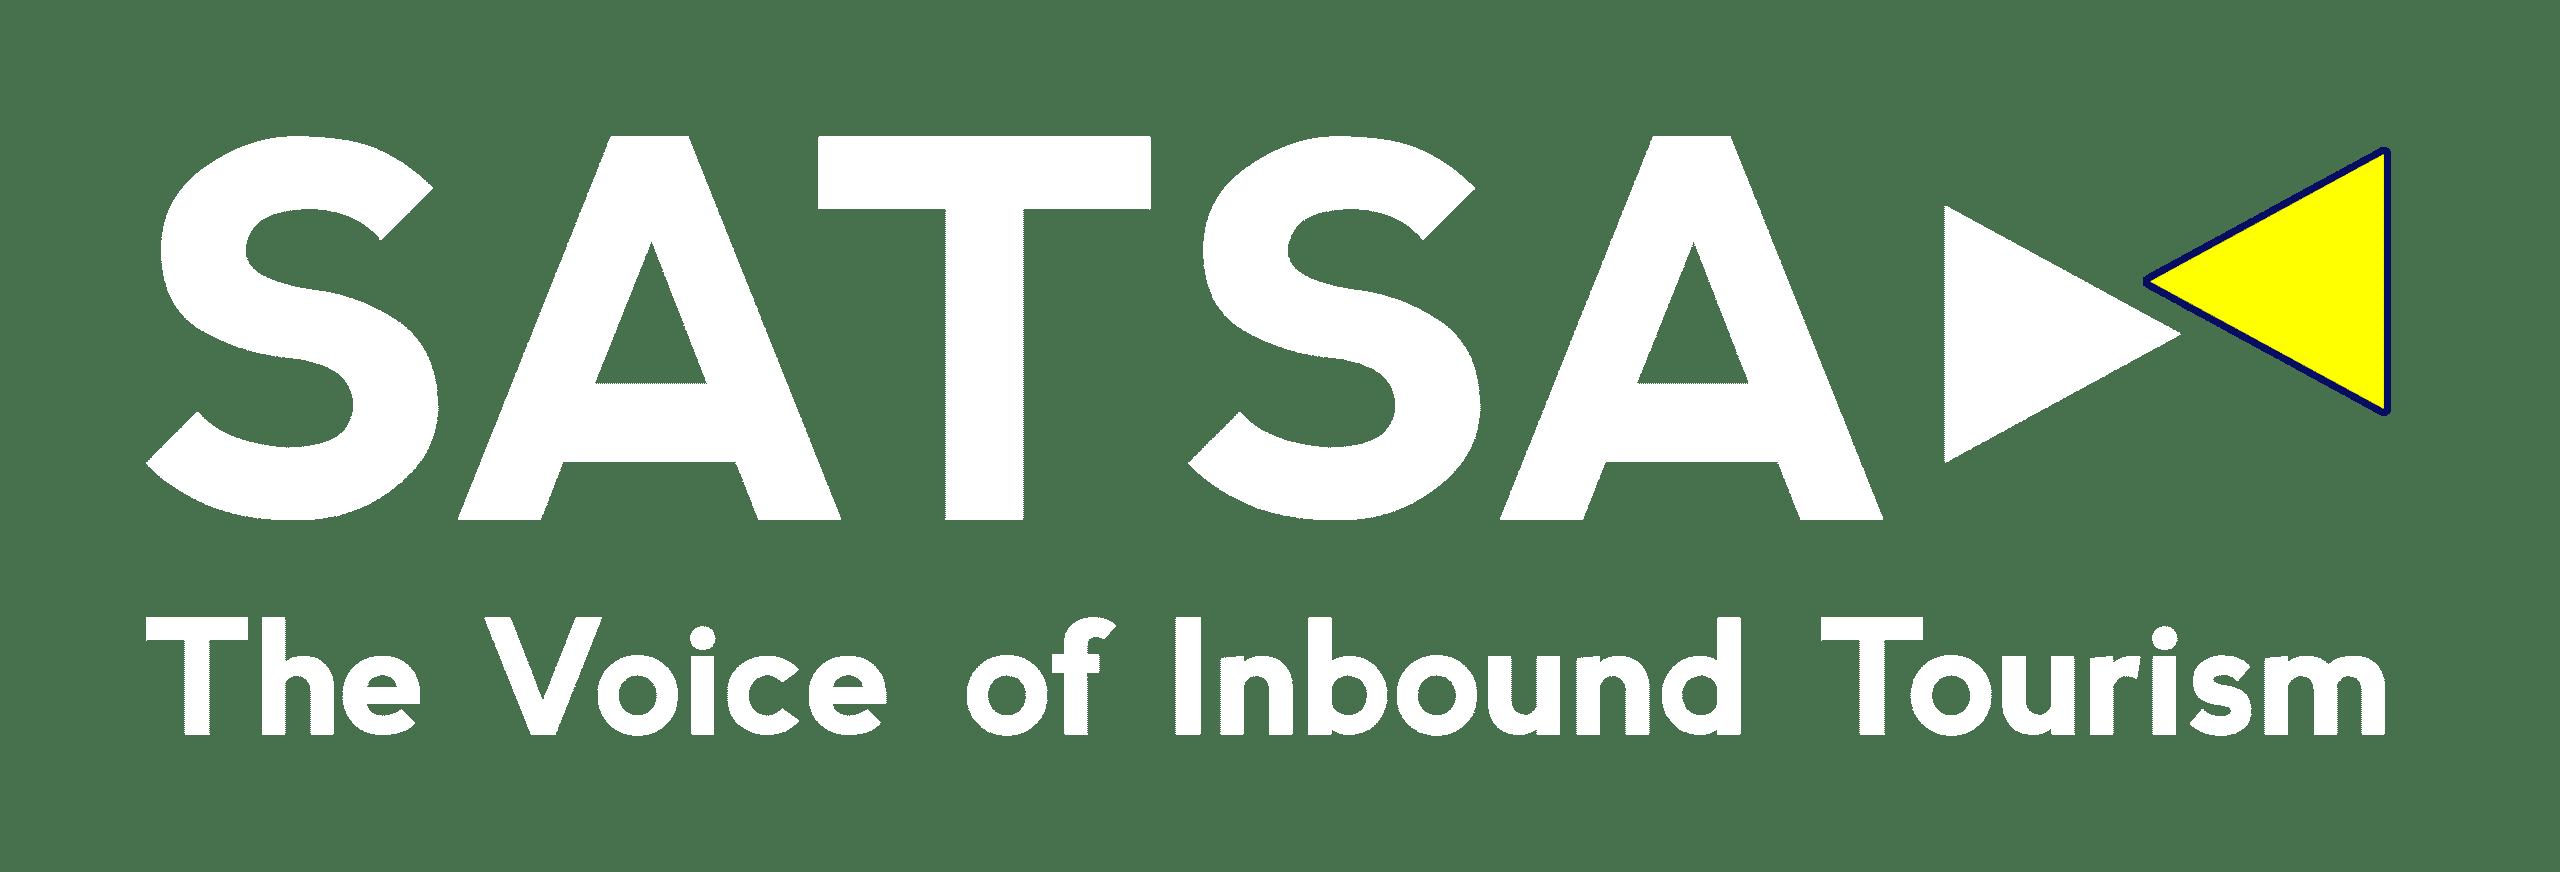 SATSA